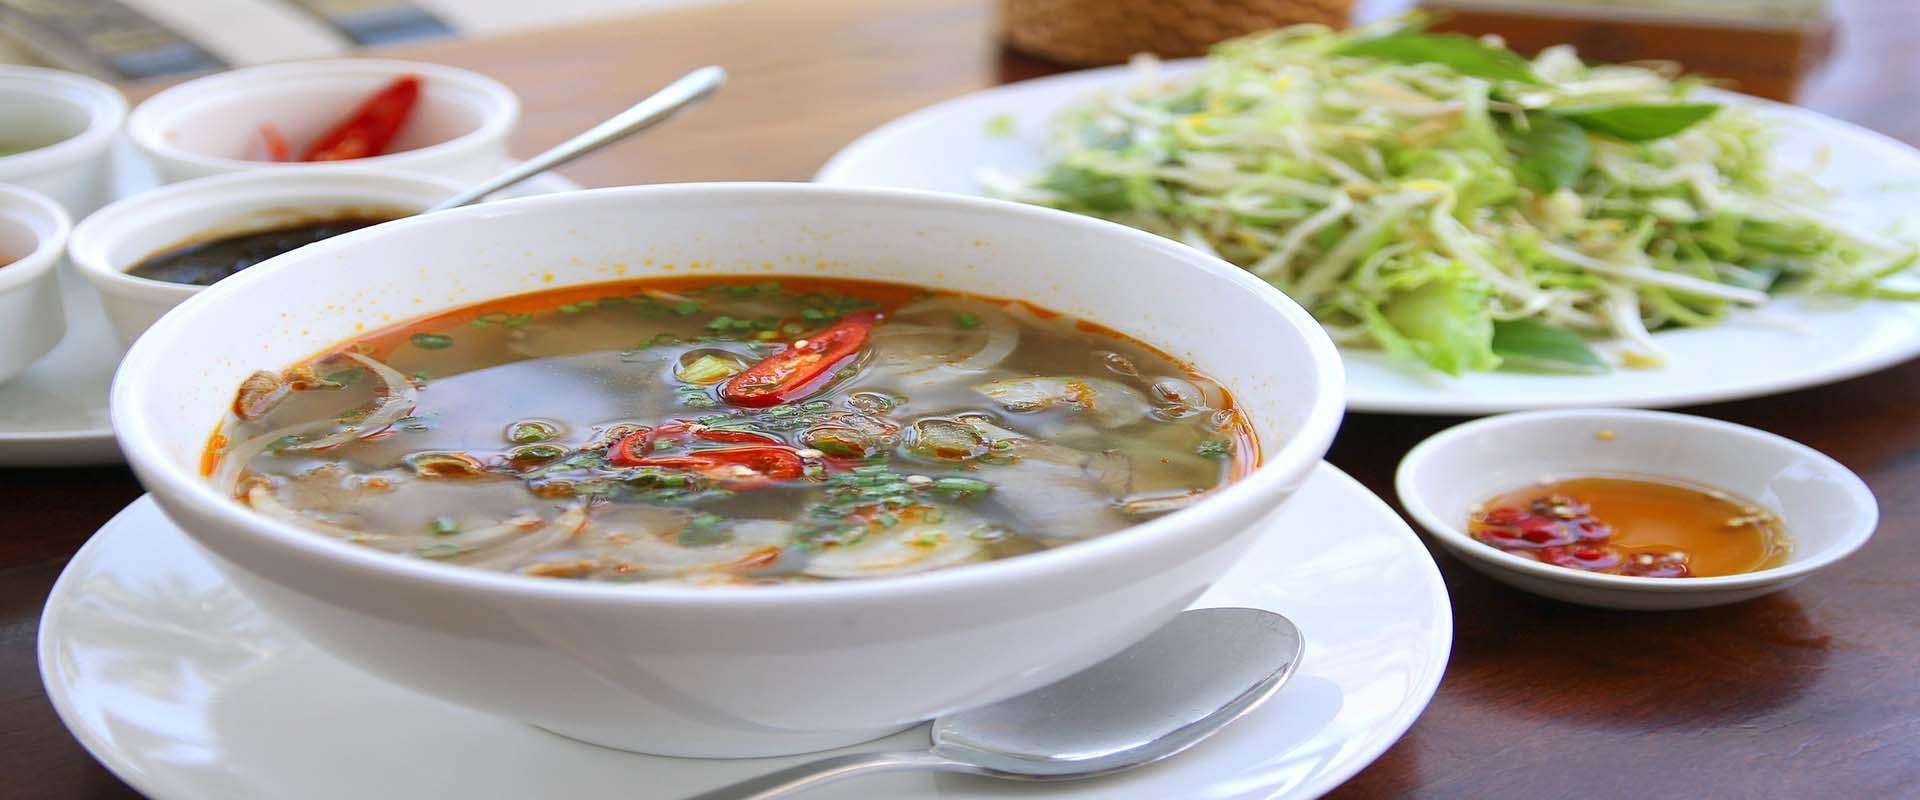 soupe-vietnamienne-pho